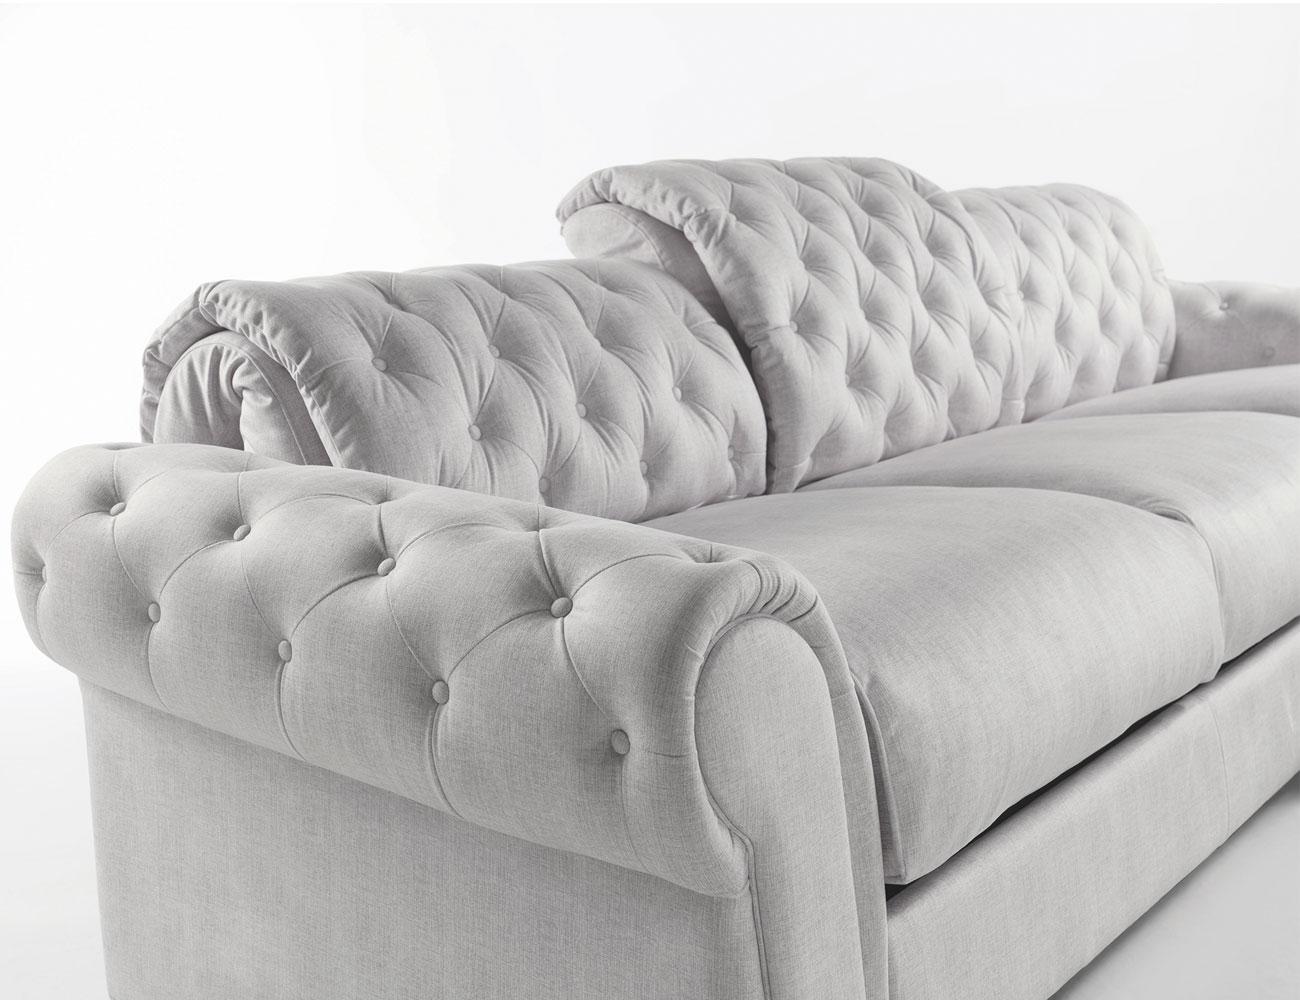 Sofa chaiselongue gran lujo decorativo capitone blanco tela 128